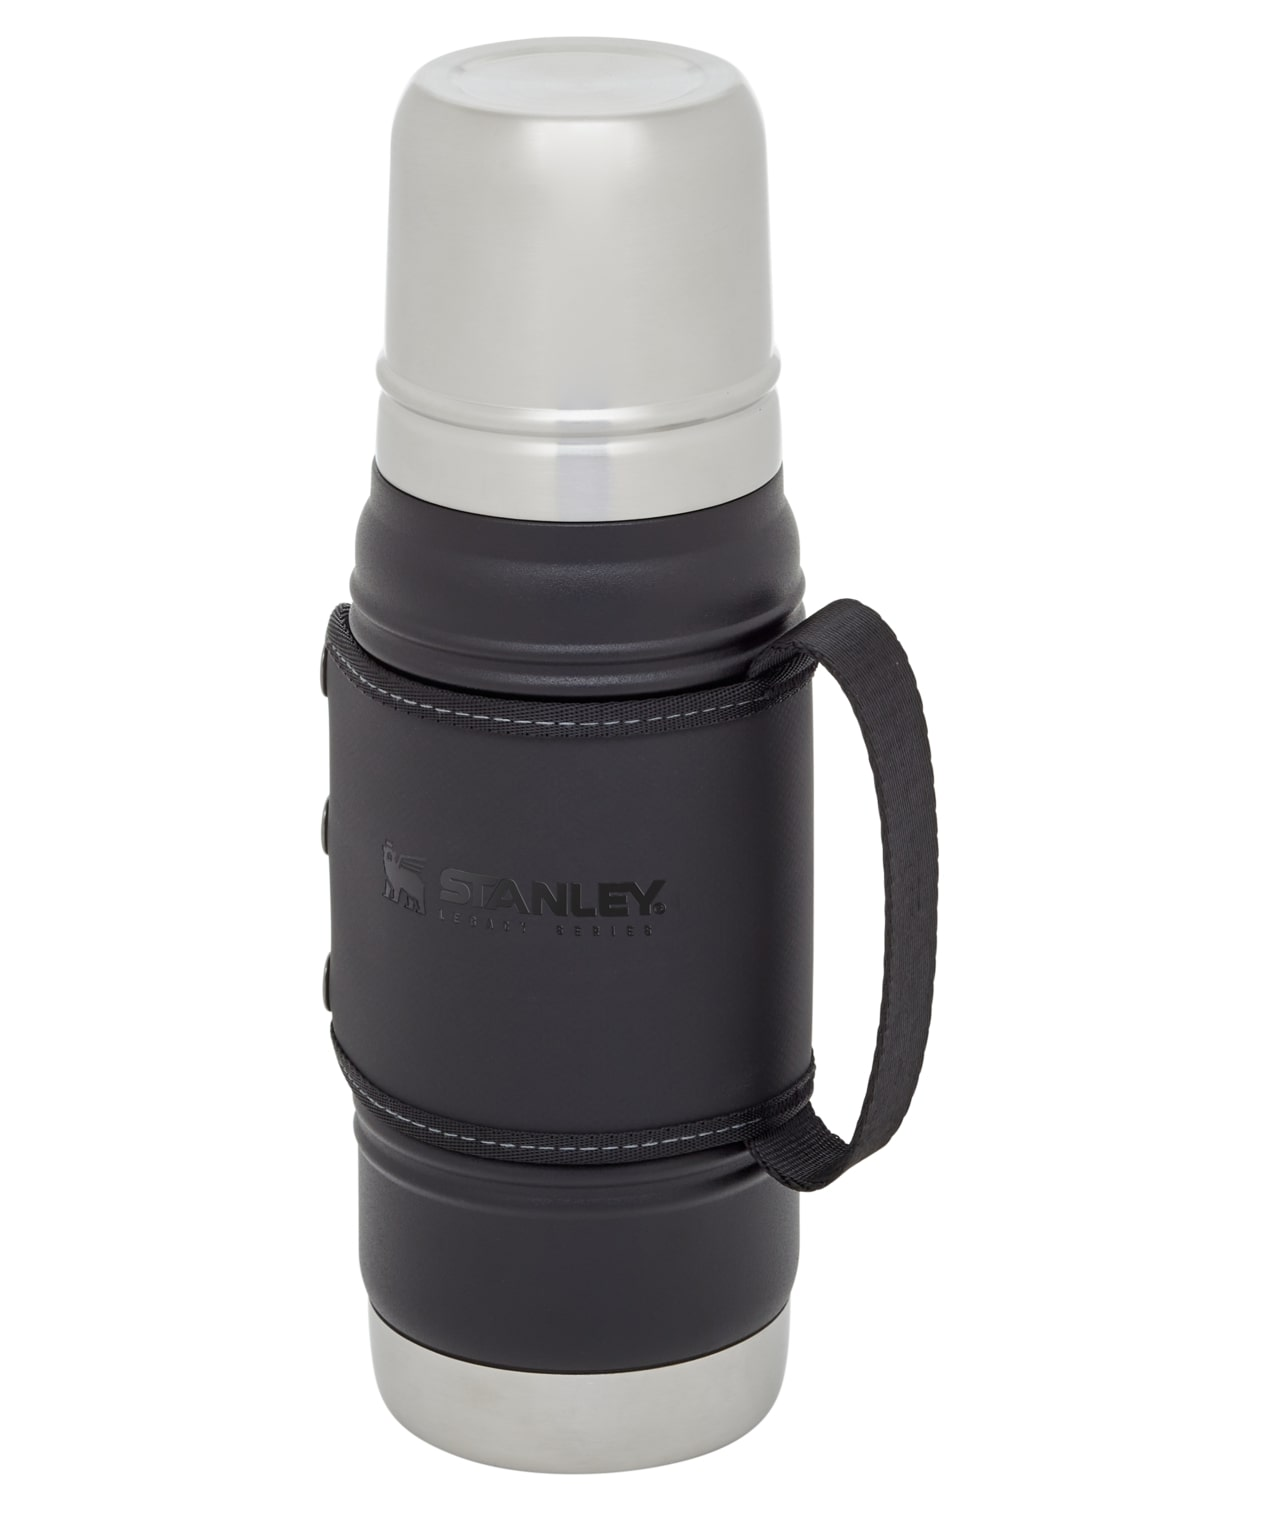 Bình Giữ Nhiệt Stanley Legacy Quadvac | 20 OZ – 0.6L – Black